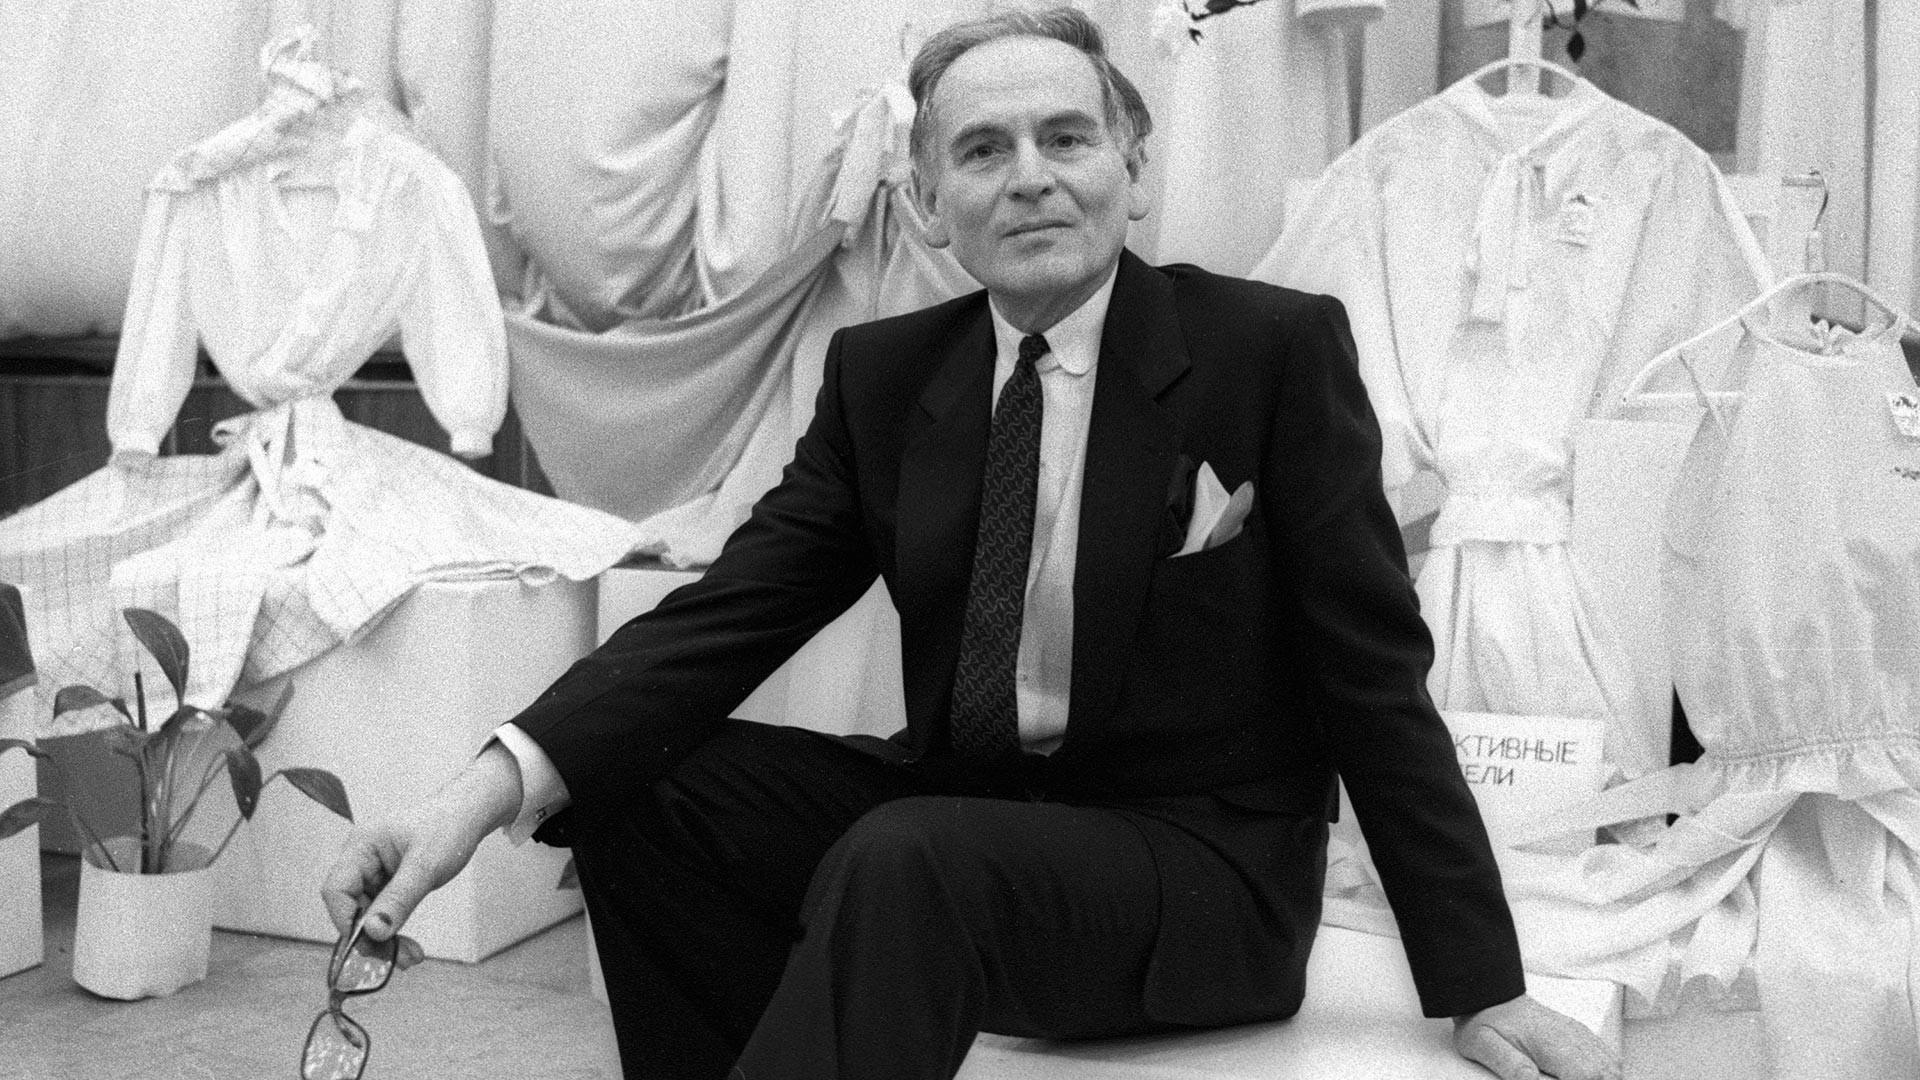 Pierre Cardin in Moscow, 1986